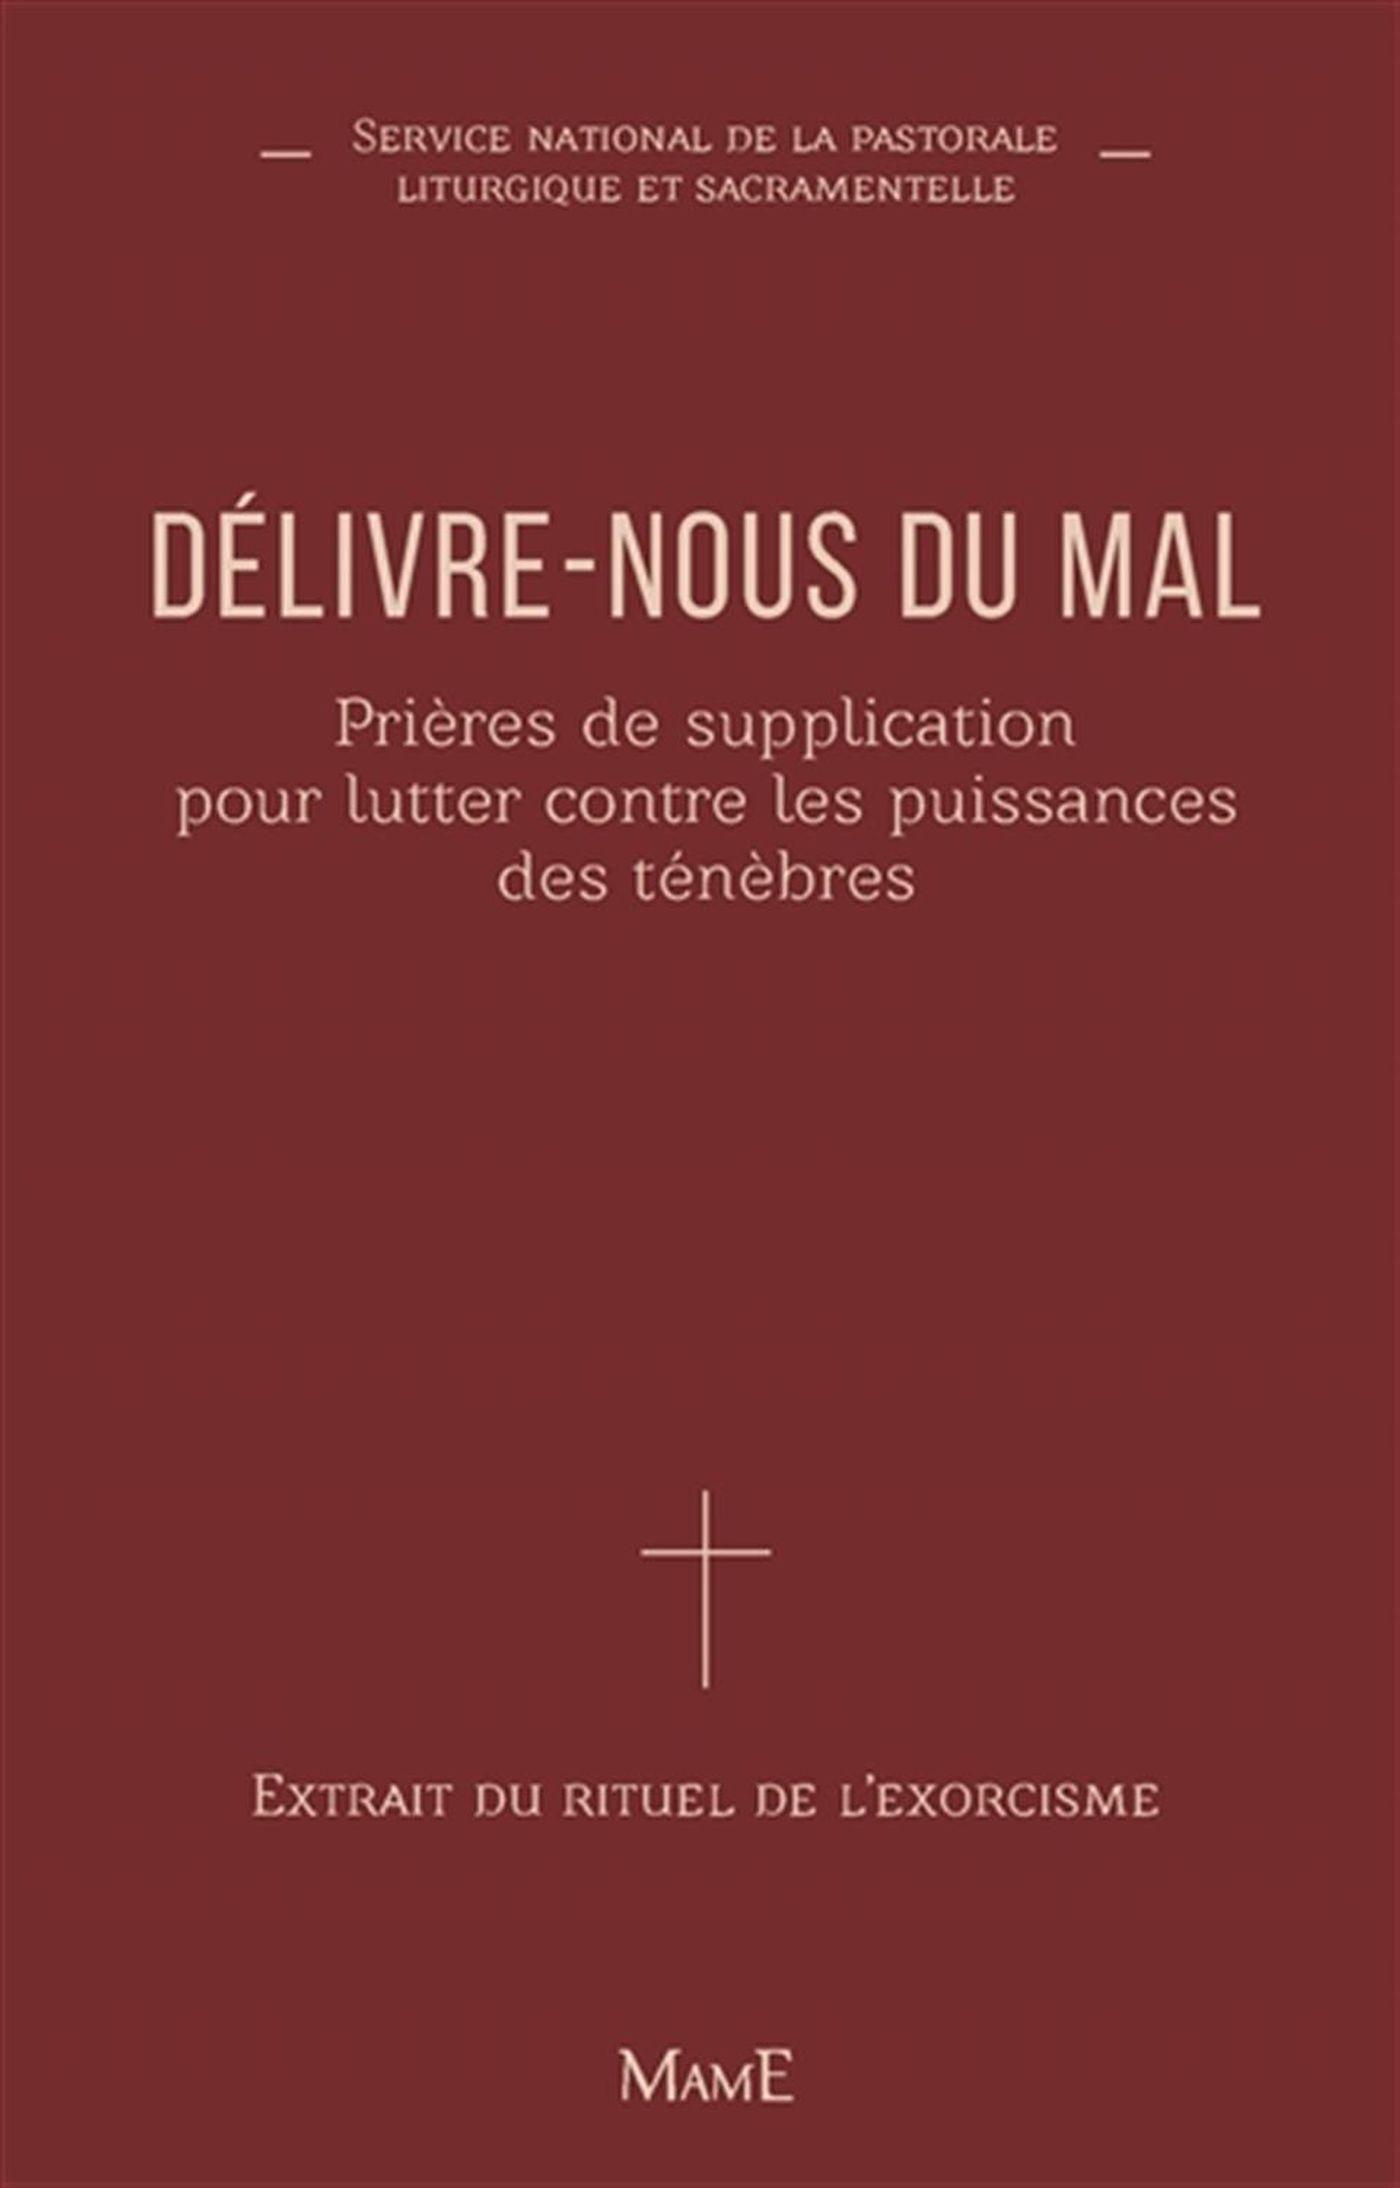 Delivre Nous Du Mal : delivre, Délivre-nous, Prières, Supplication, Lutter, Contre, Puissances, Ténèbres, Distribution, Prologue